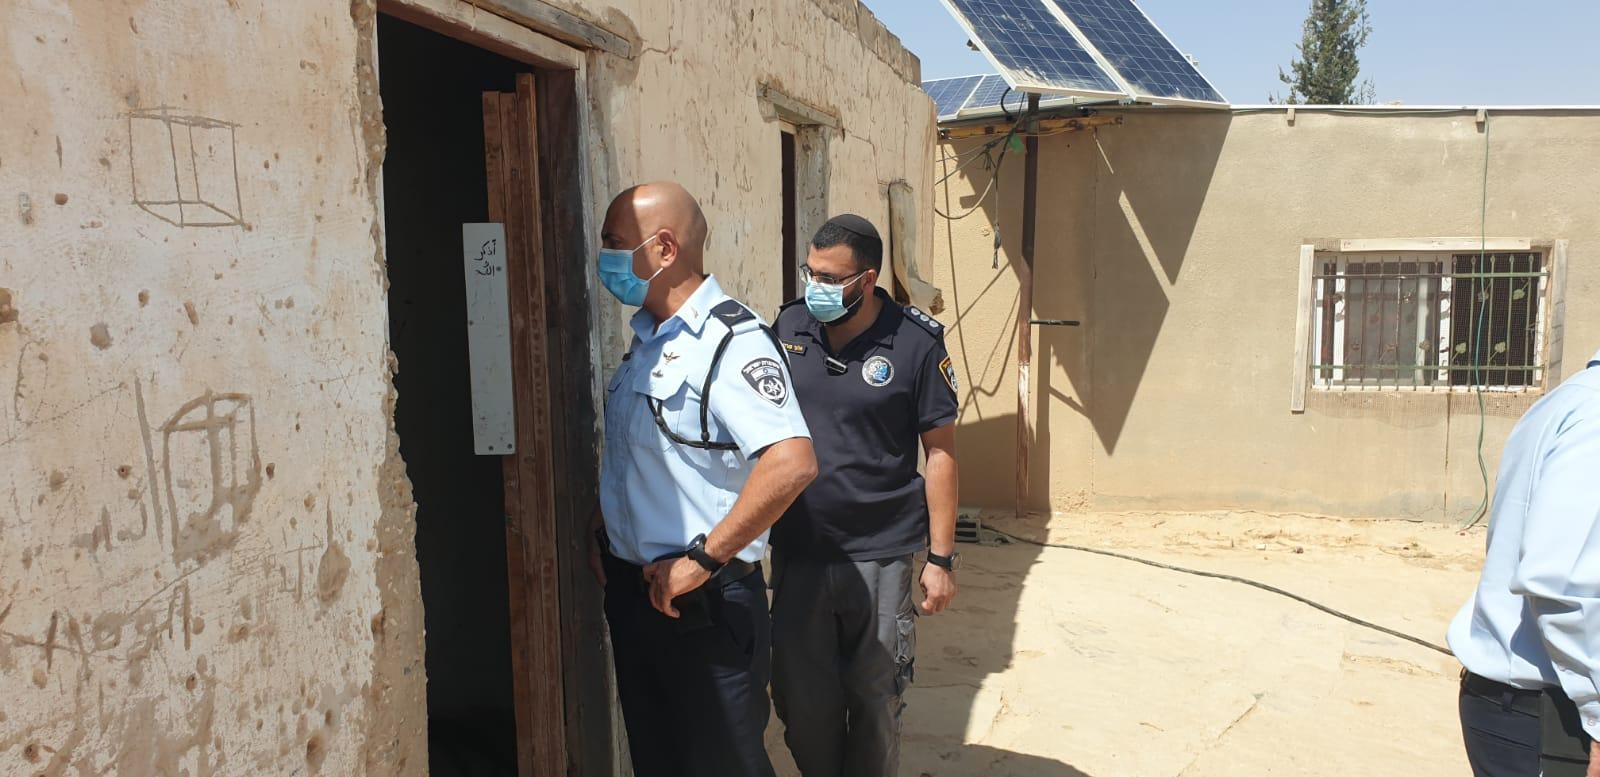 النقب: العثور على جثة شابة داخل منزلفي قرية الفرعة